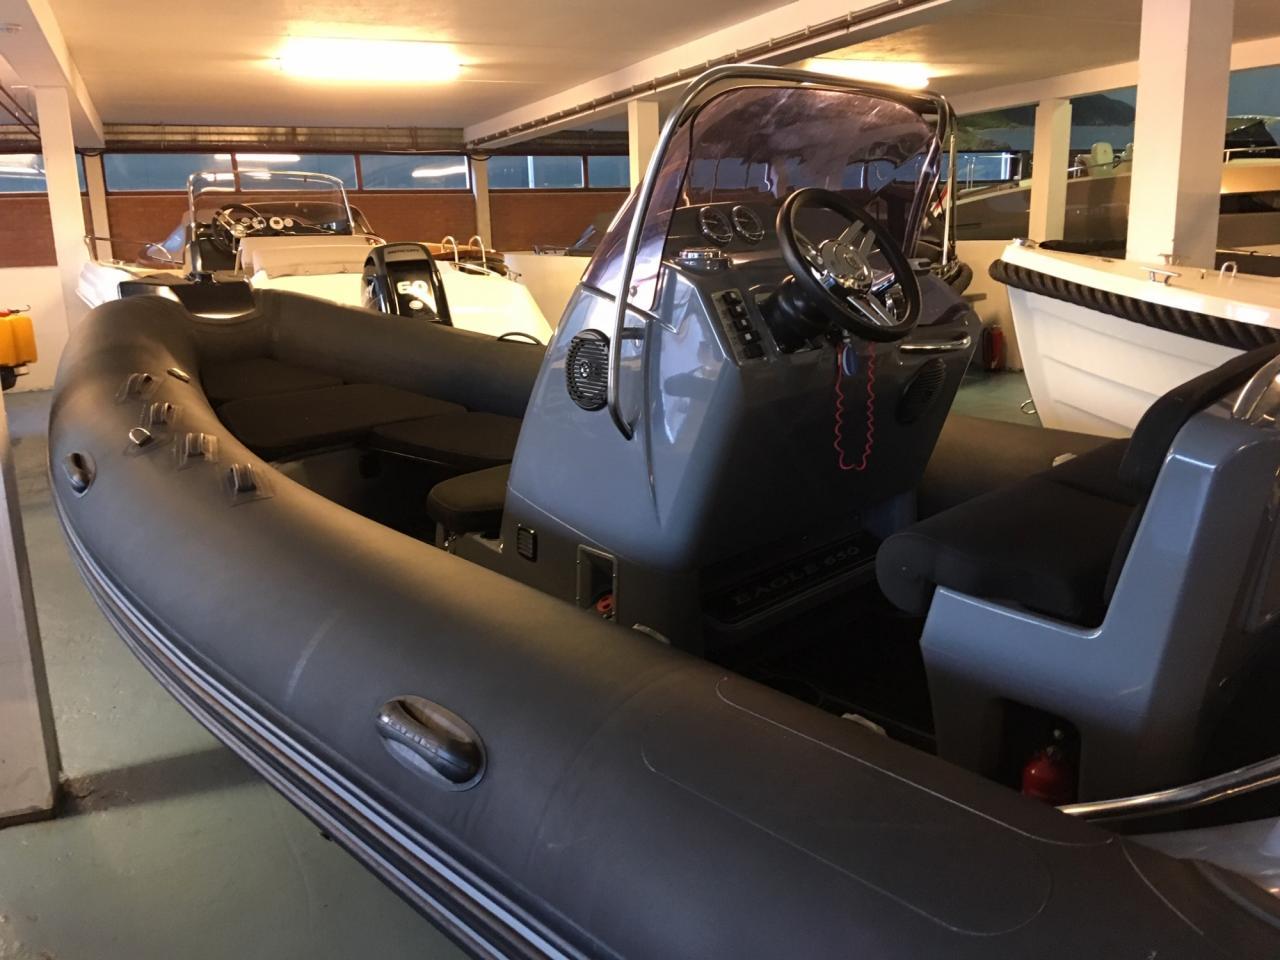 Brig eagle 650 met Mercury Verado 250 pk! 9